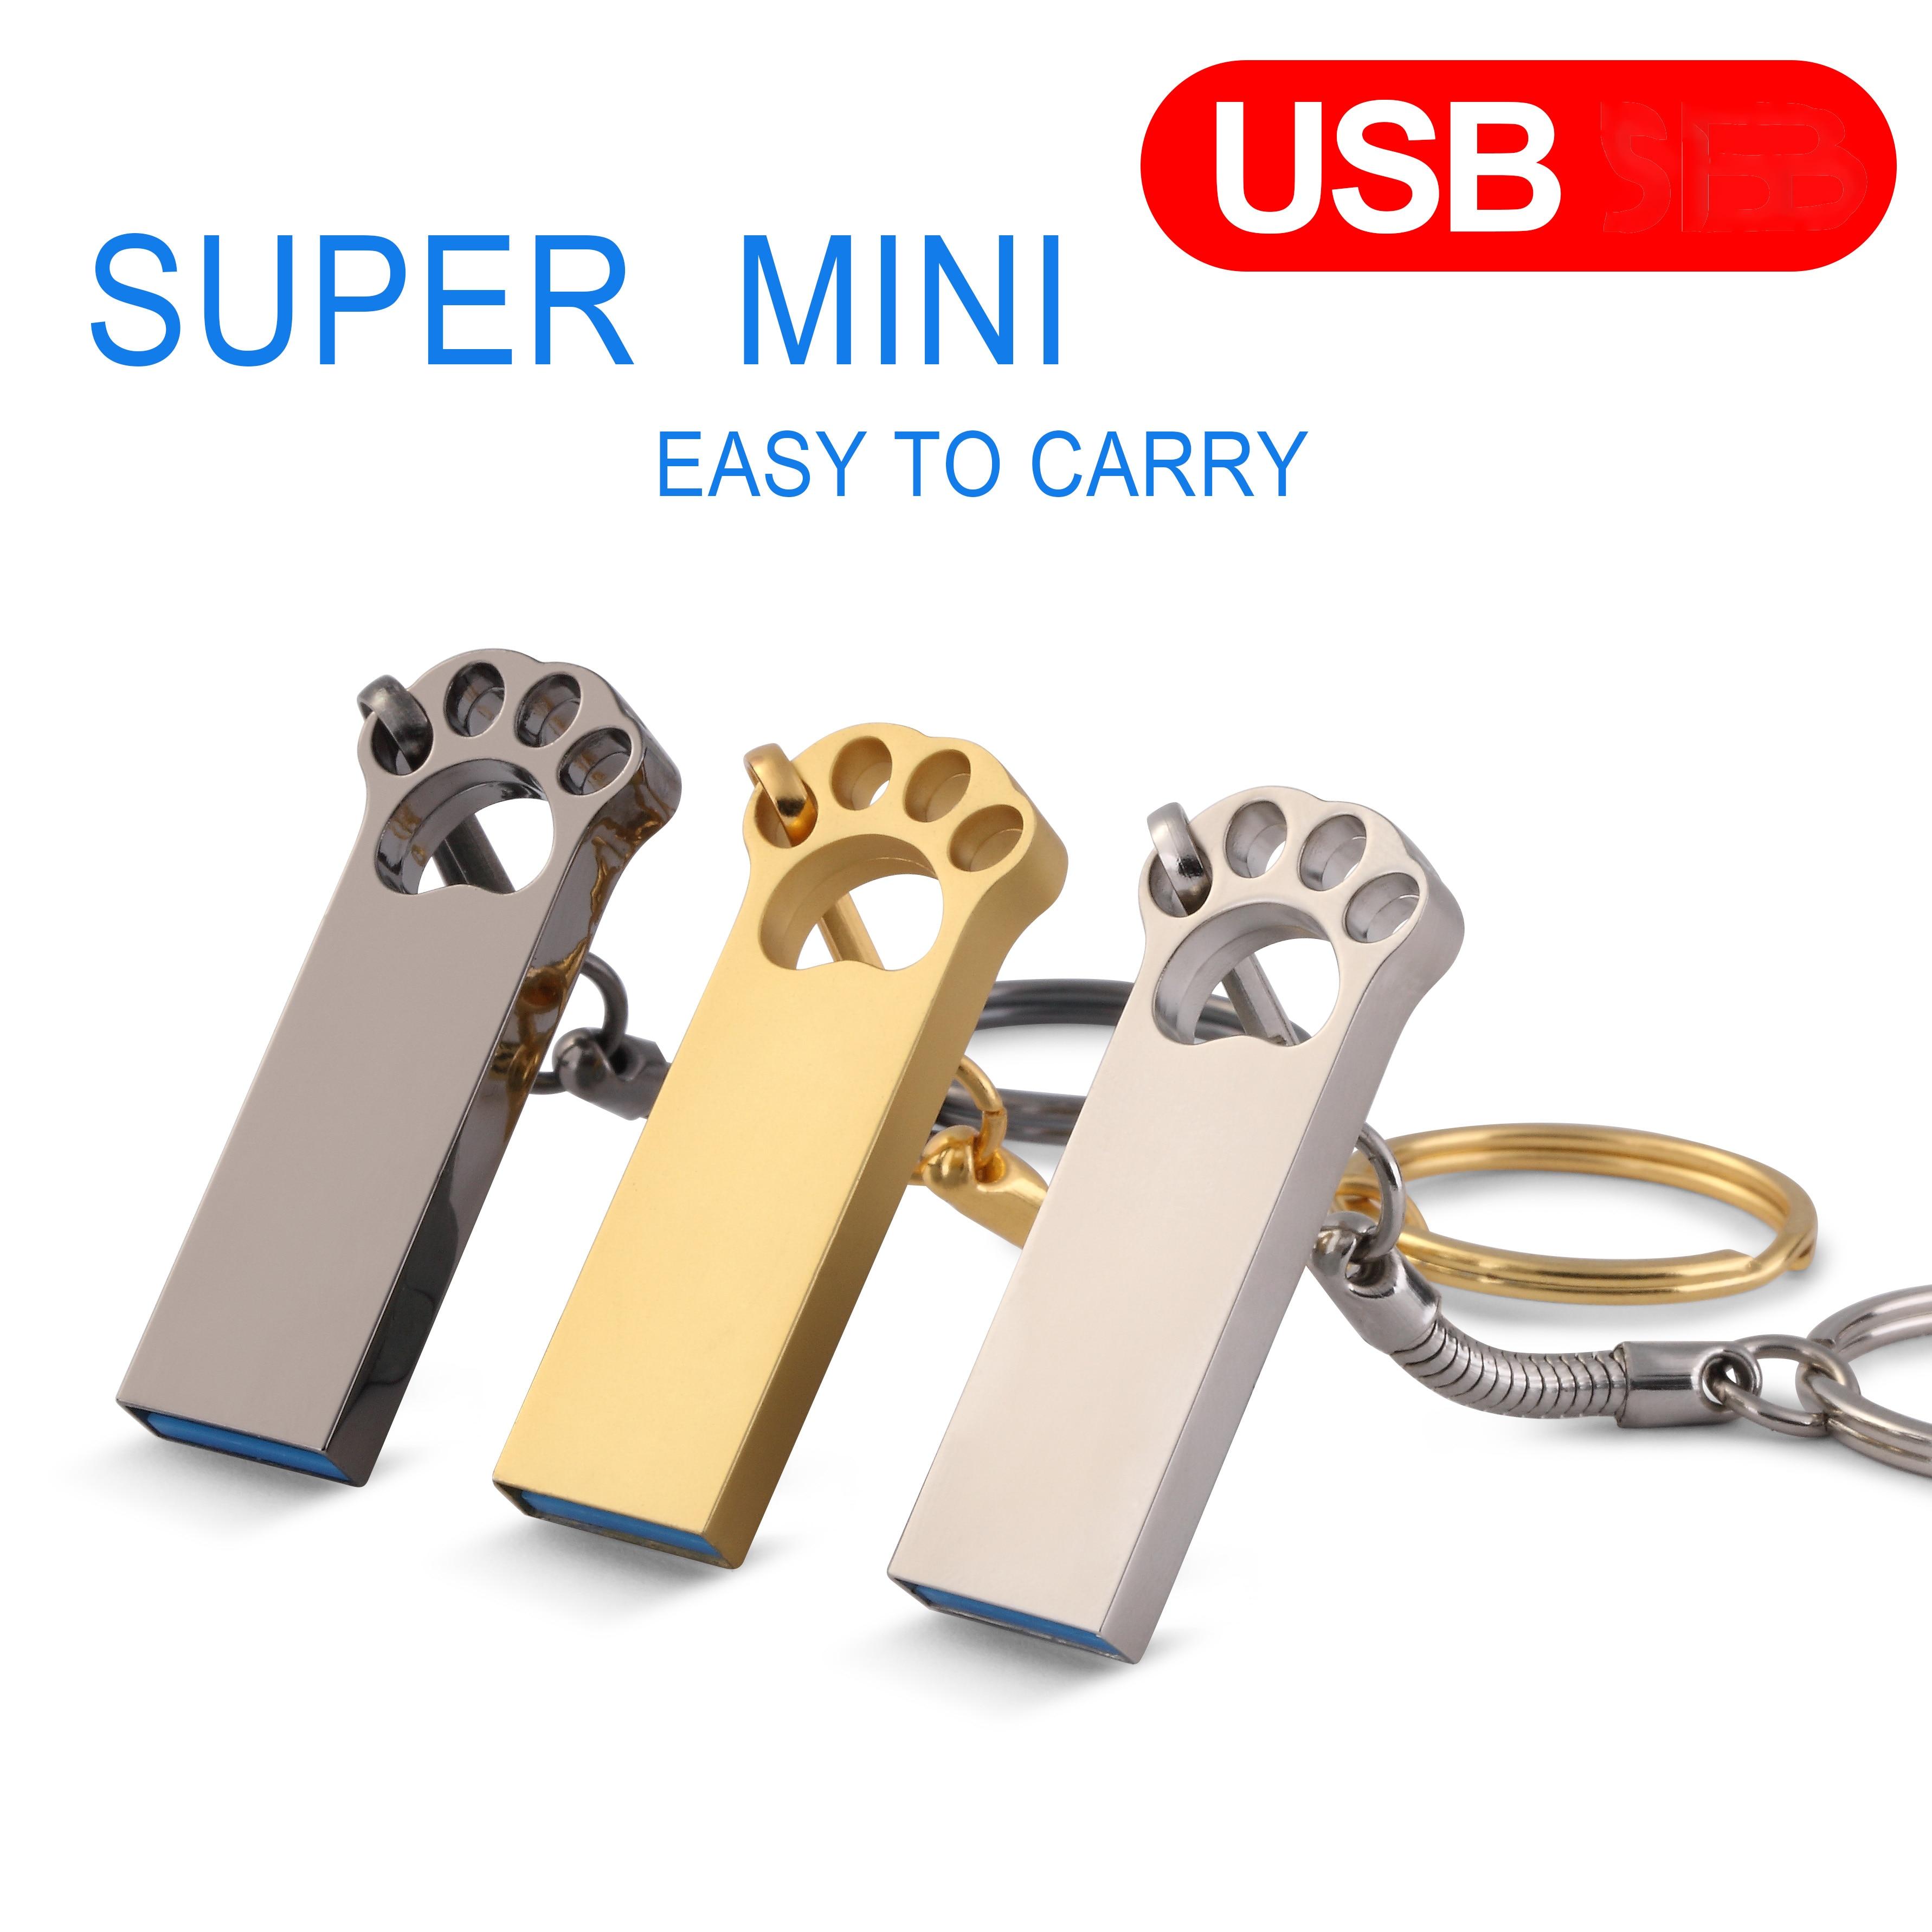 USB Flash Drive Metal Pendrive128GB High Speed USB Stick 32GB Pen Drive 64GB waterproof 16GB USB Flash 8GB 4GB Free adapter